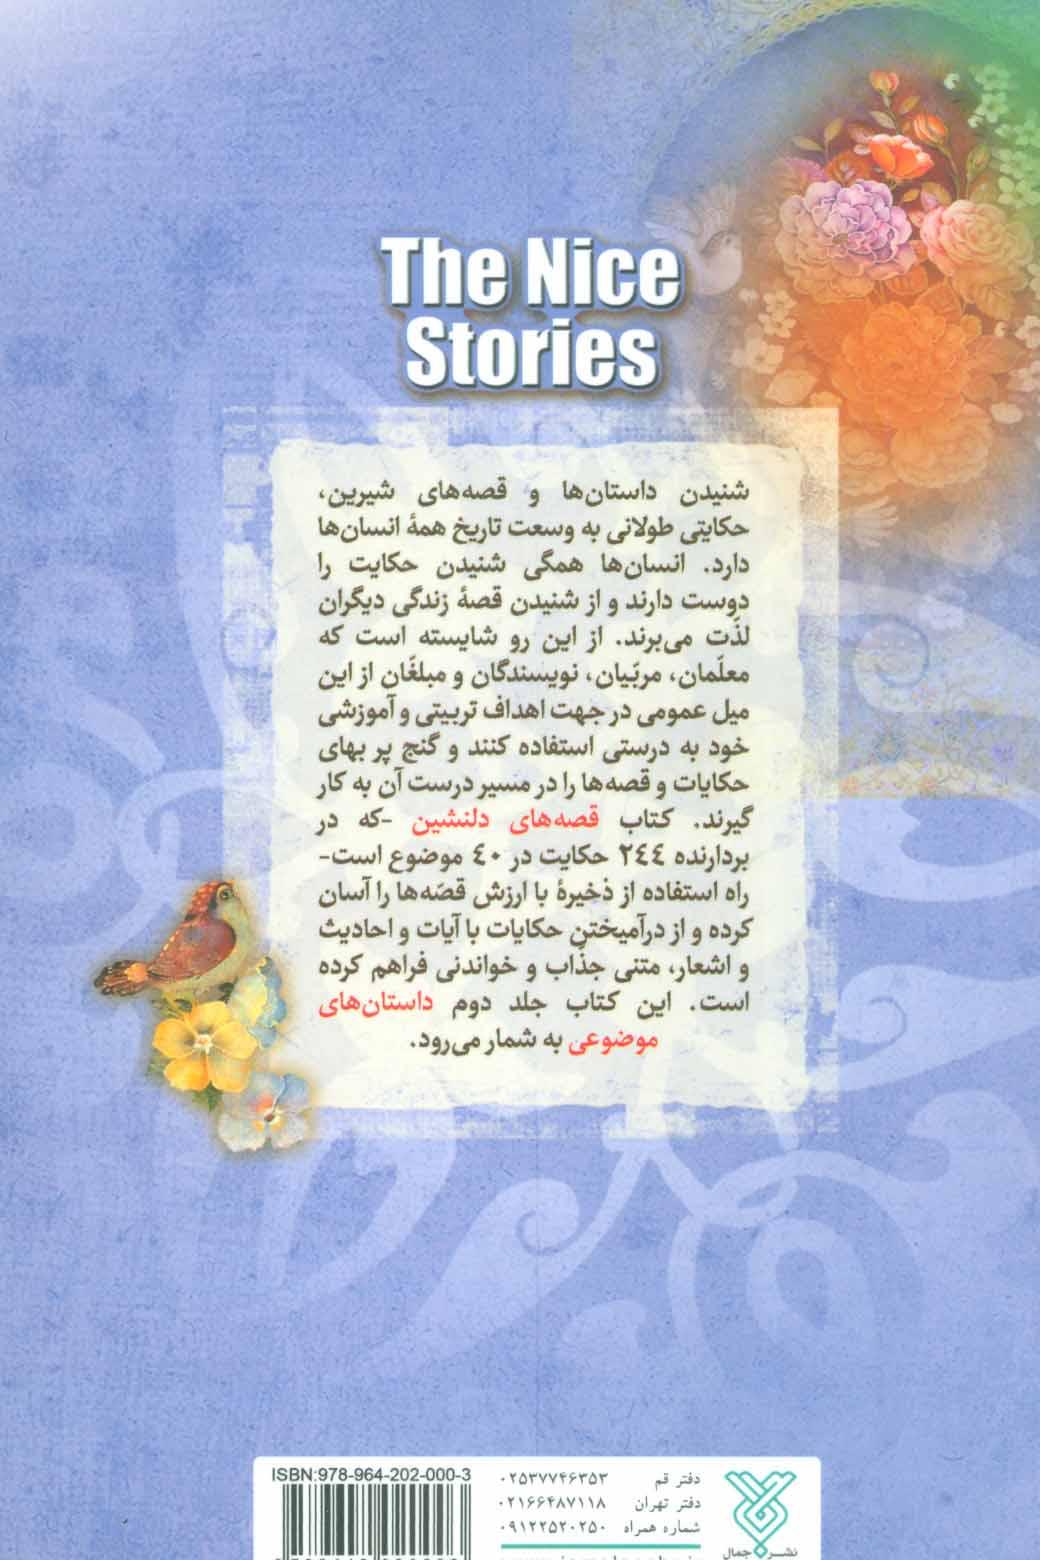 قصه های دلنشین (داستان های موضوعی:40 موضوع،244 داستان)